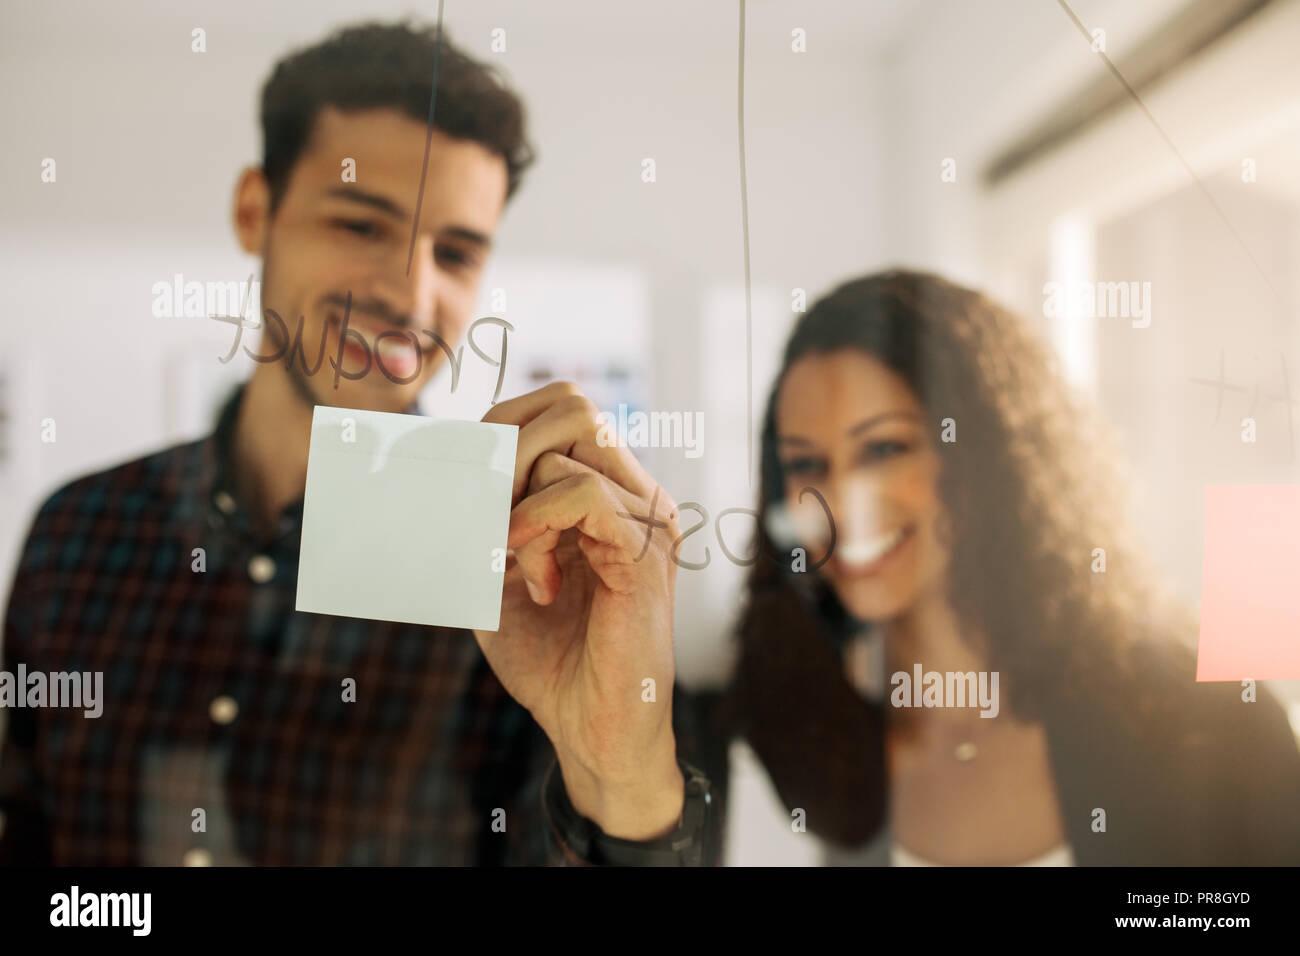 Business couple écrit le post-it collé sur le mur de verre transparent dans le bureau. Collègues de bureau d'affaires de discuter des idées et des plans sur une transpa Banque D'Images